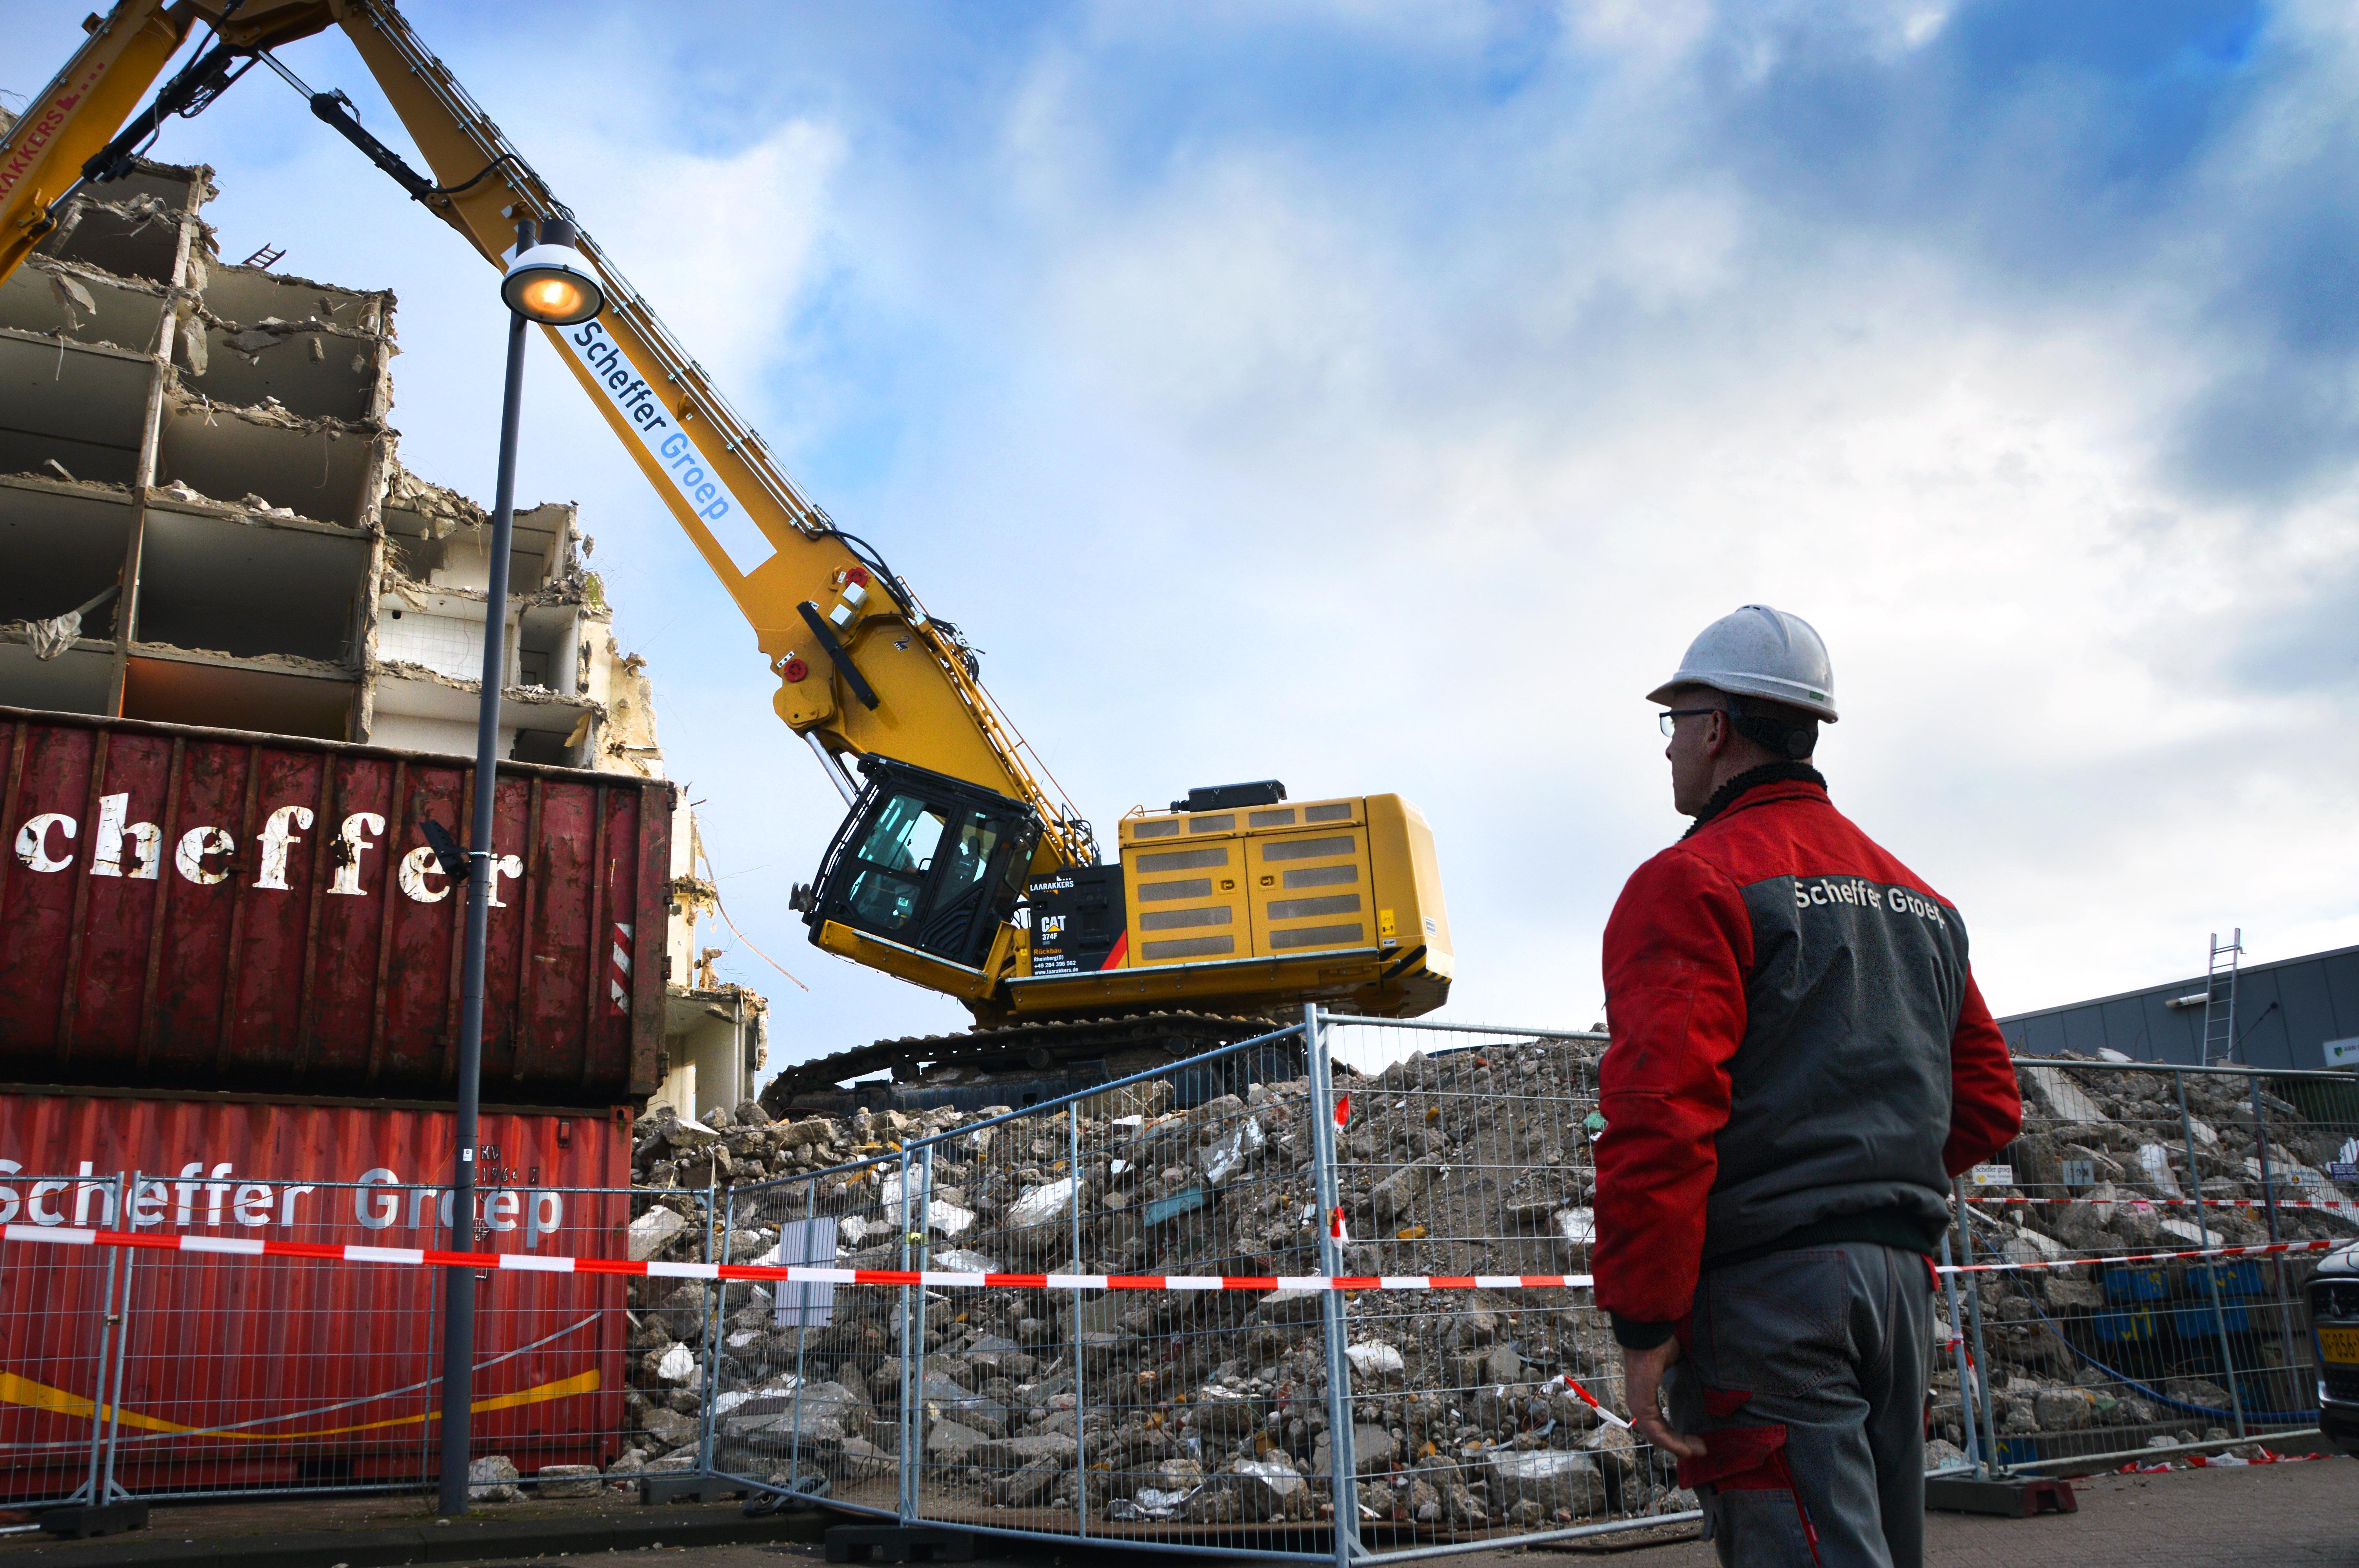 <p>De sloop van de Vennenflat was de eerste klus voor de hagelnieuwe Caterpillar 374F UHD. De machine weegt 100 ton, de giek alleen al ruim 20 ton.</p>